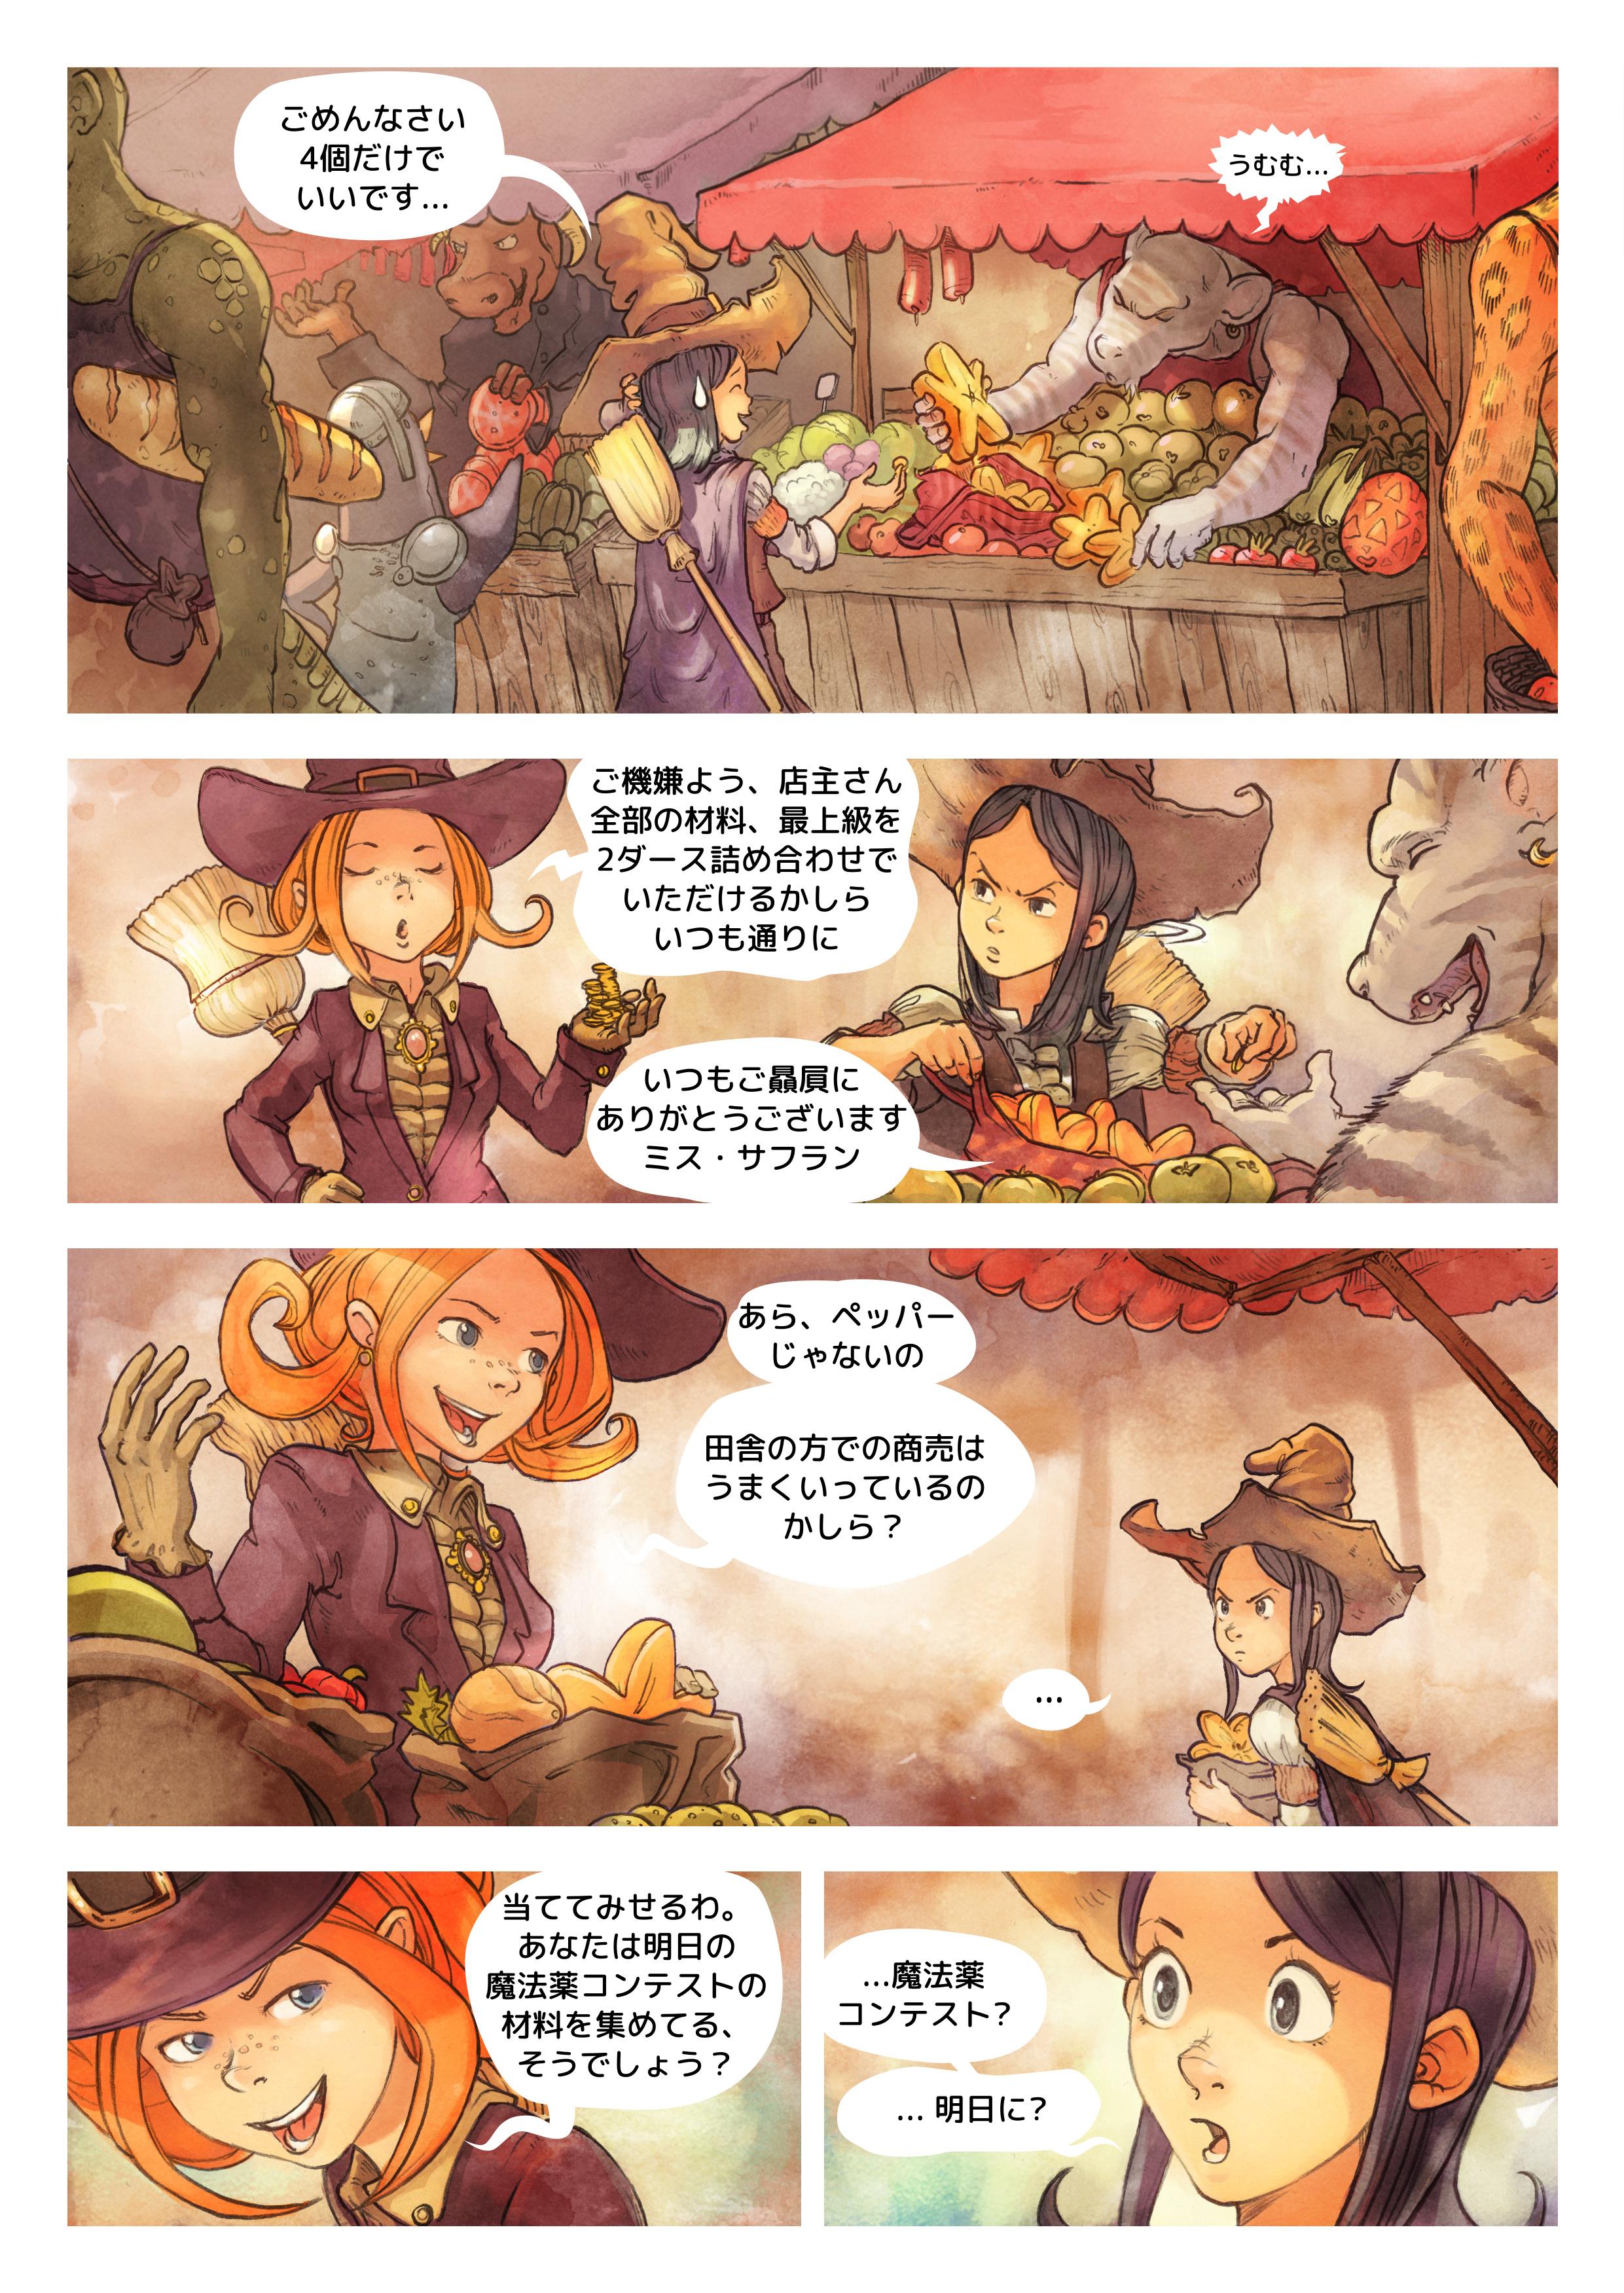 ページ 2